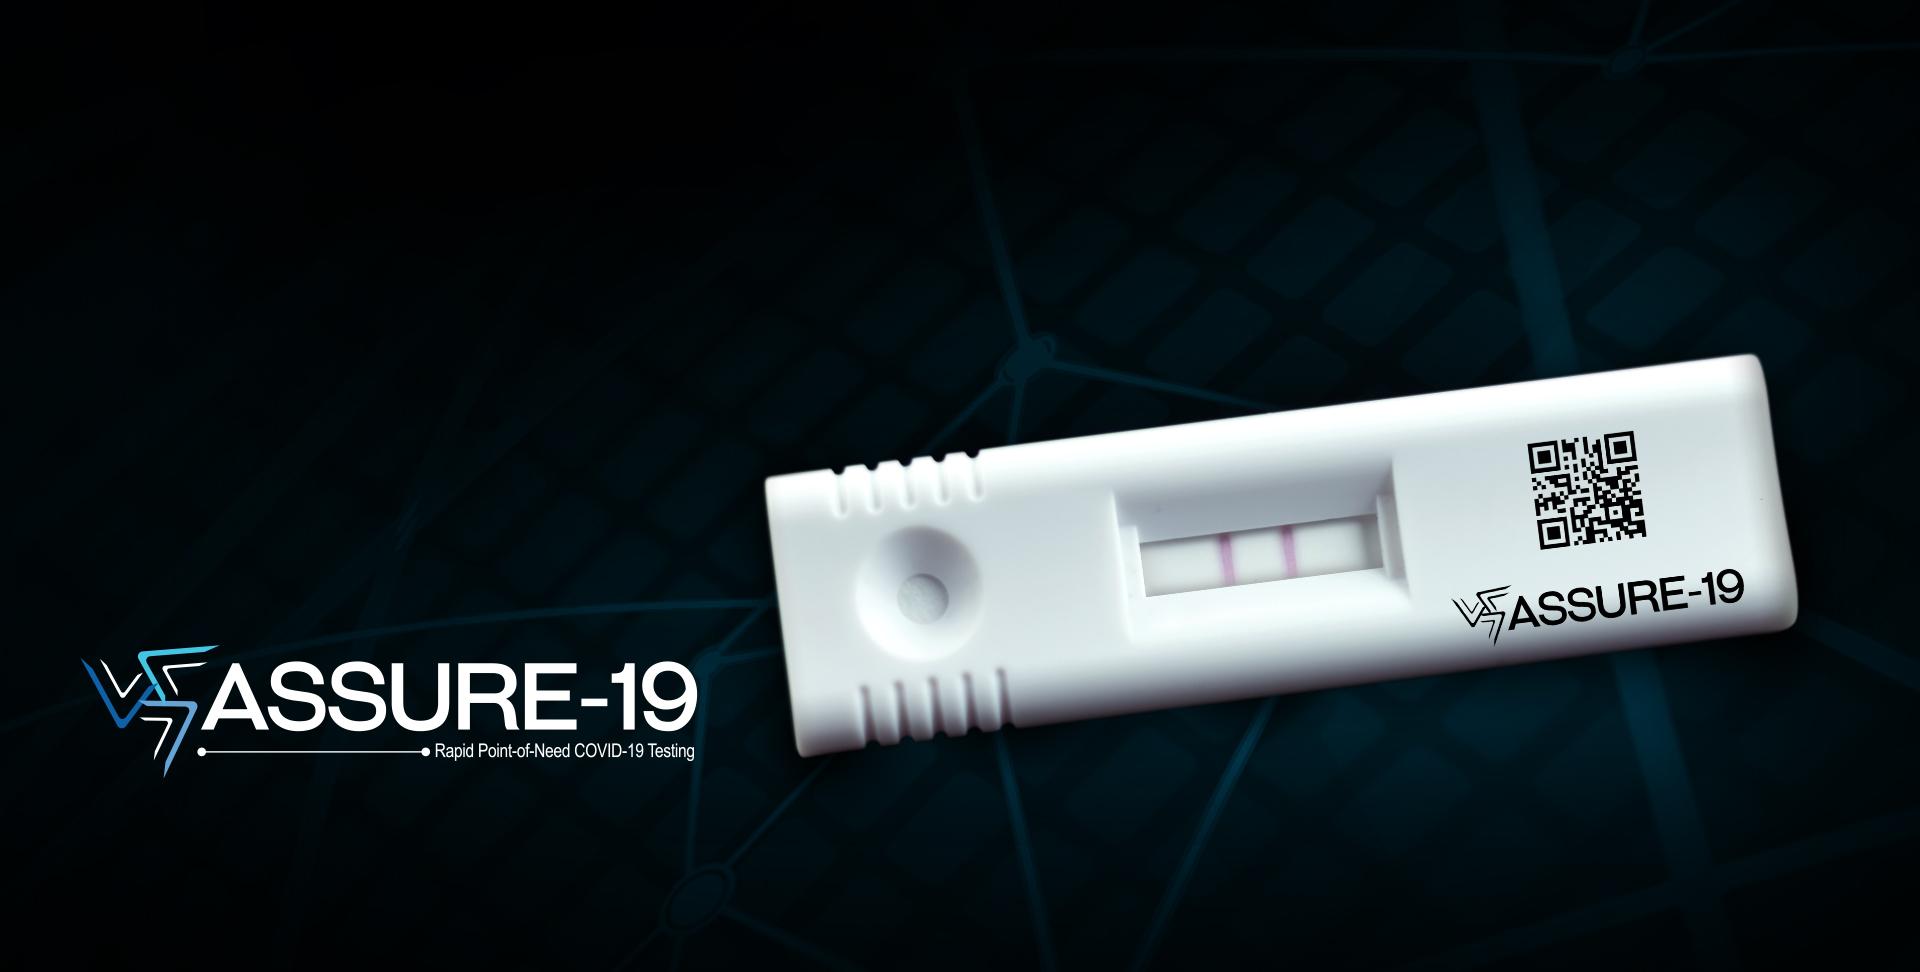 ASSURE-19 rapid saliva test